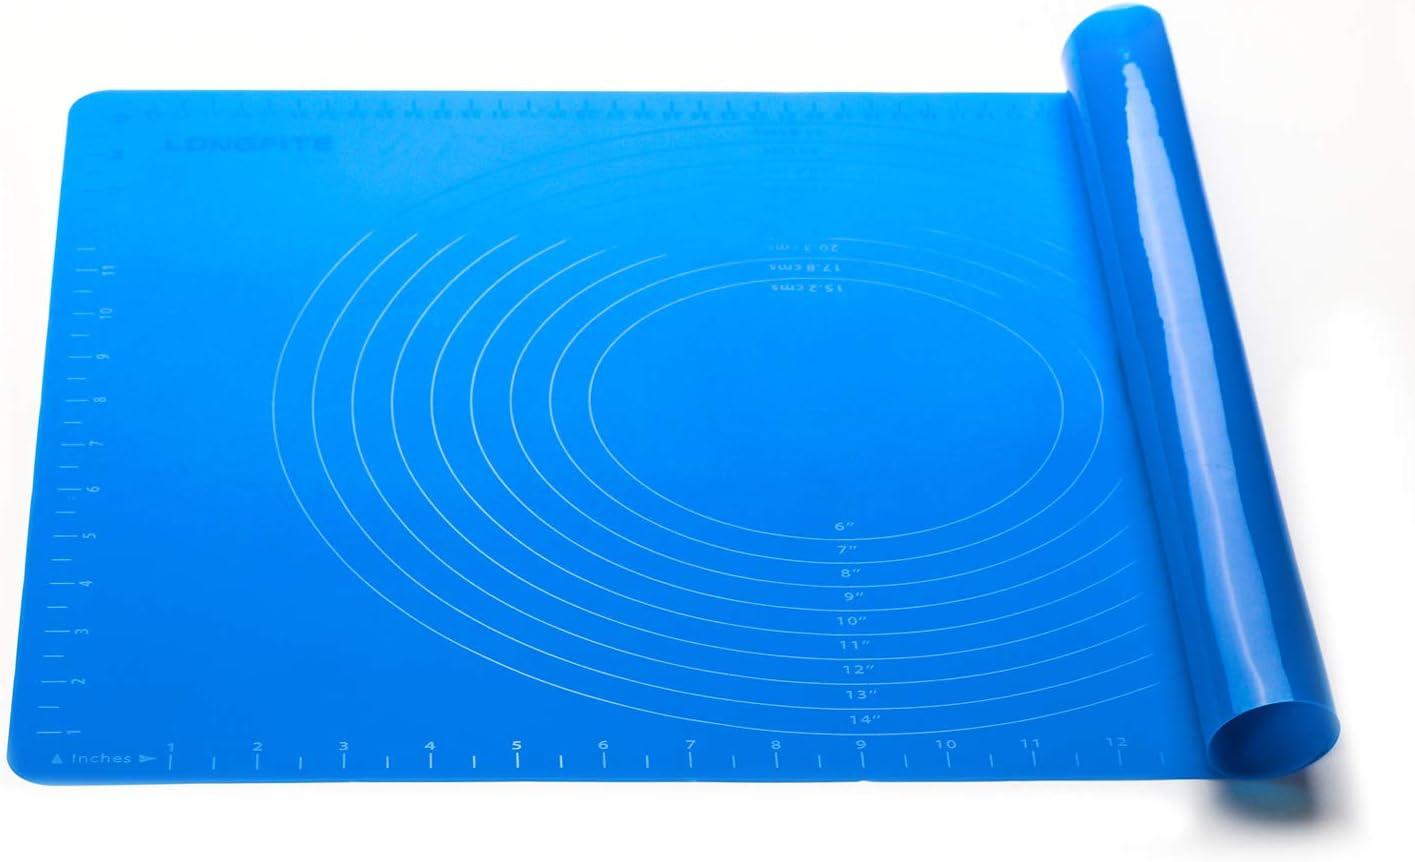 X gro/ße wiederverwendbare Silikon Tischset Antihaft Rollen Backen Geb/äck Matte mit Skala isoliert K/üche Arbeitsplatte Matte Rollteig Matte Schutz Fondant Pie Kruste Matte schneiden Tischsets Blue